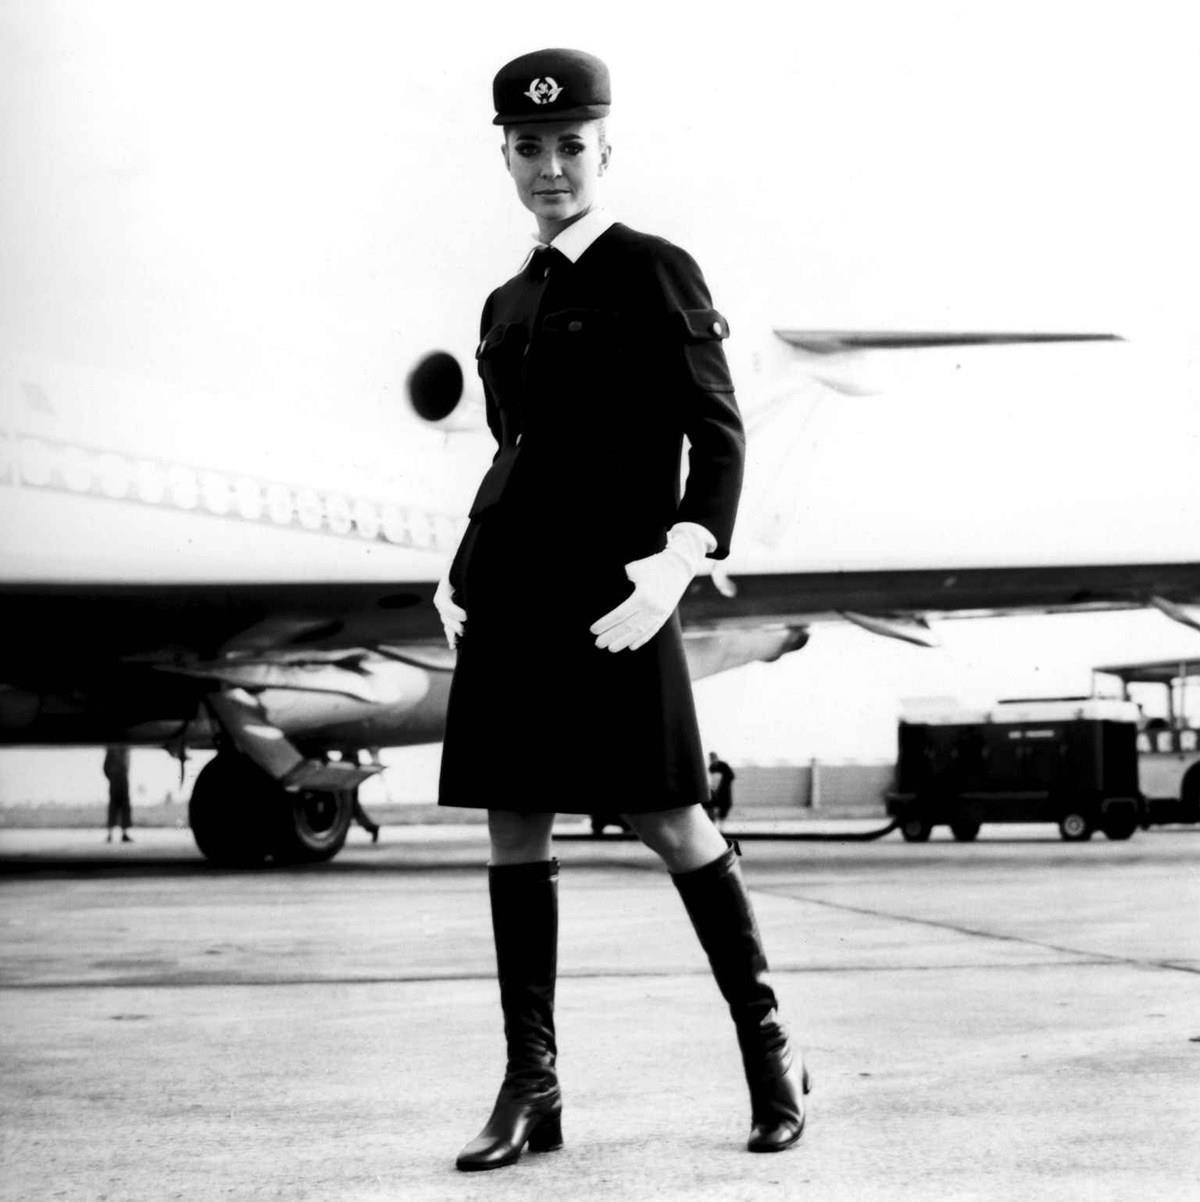 طراحی لباس مهمانداران هواپیما ایرفرانس توسط بالنسیاگا